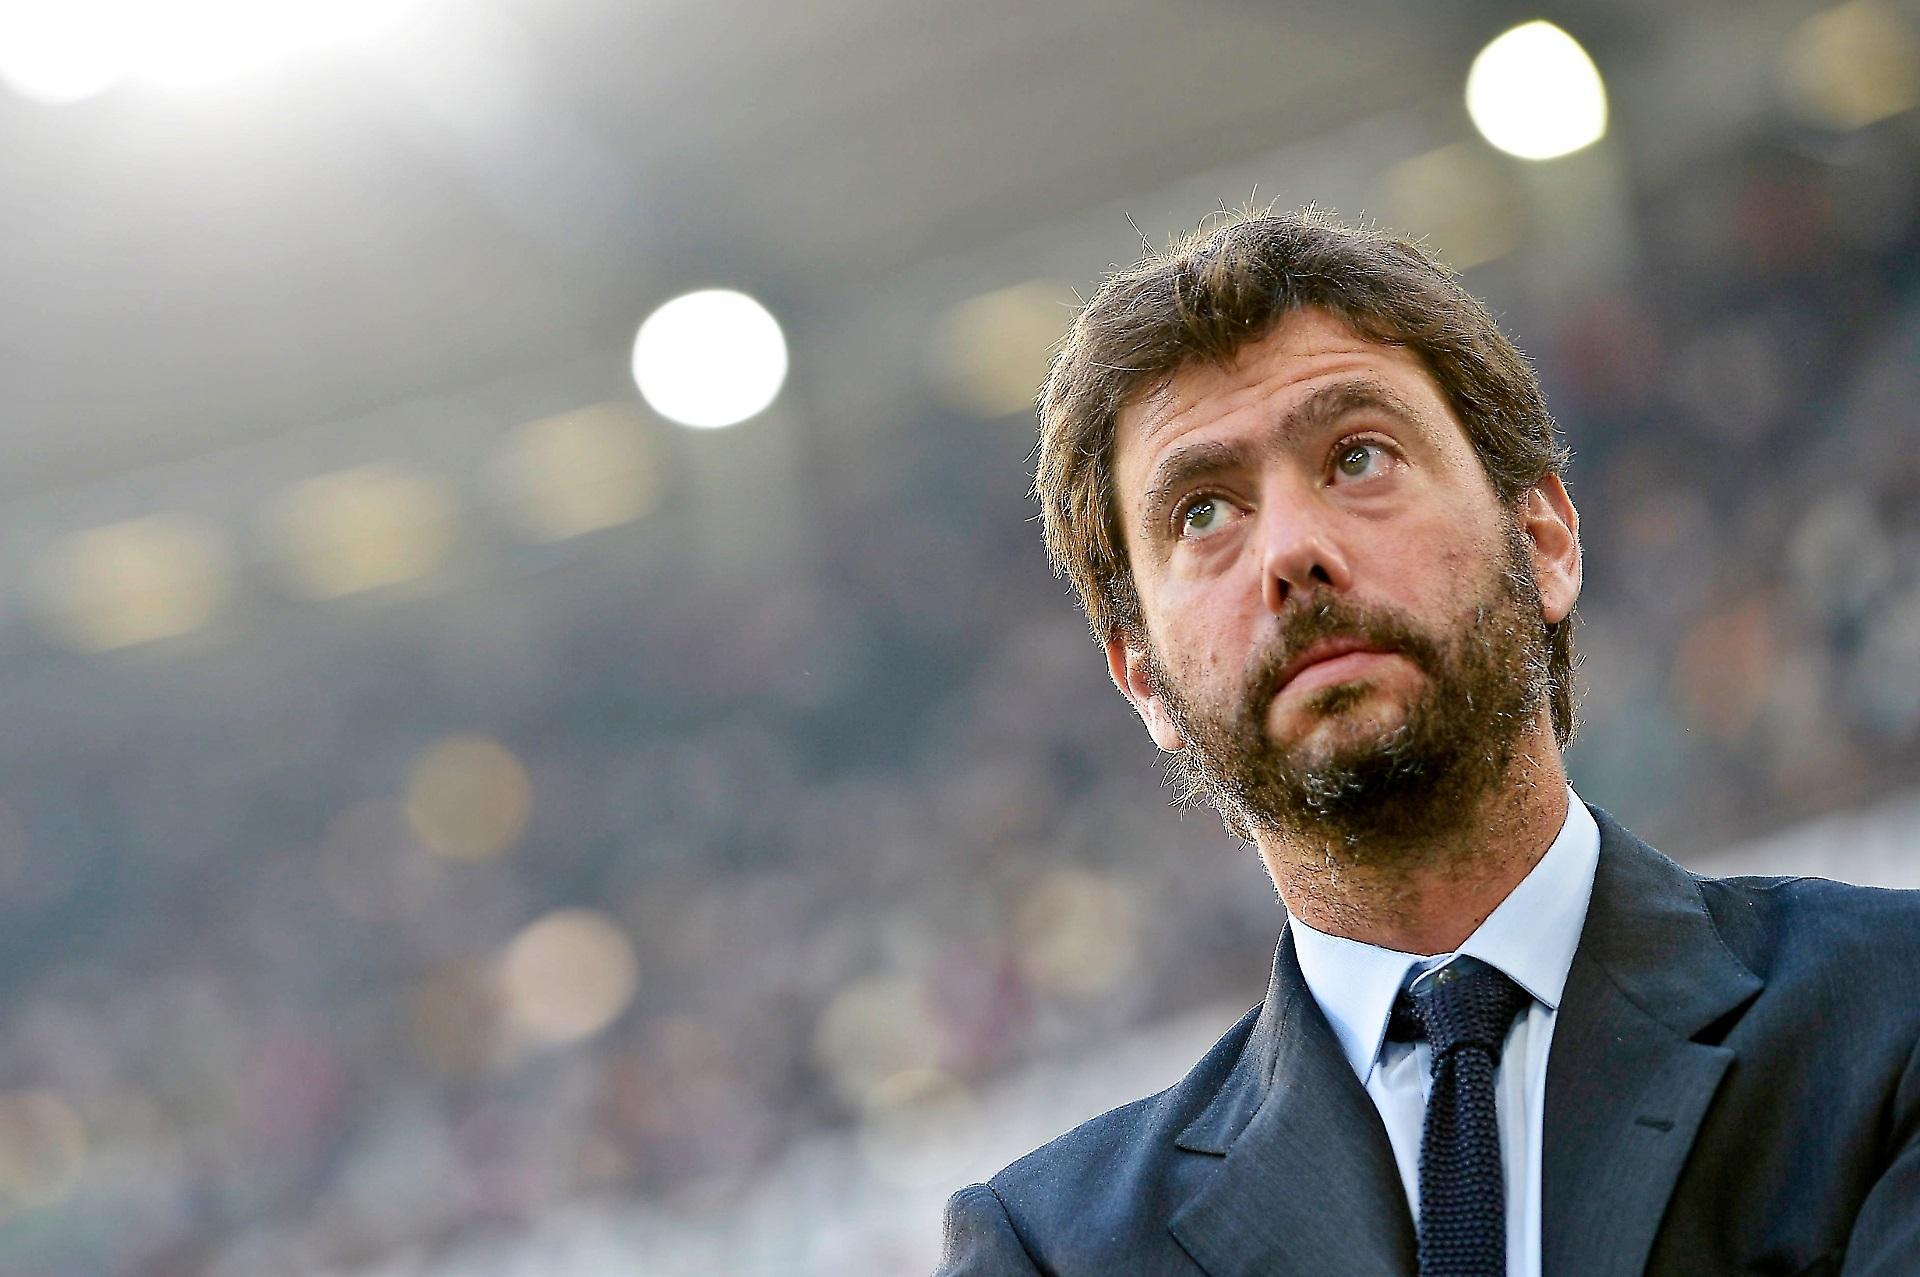 Caso Ultras, domani i ricorsi di Agnelli e della Juventus: i dettagli